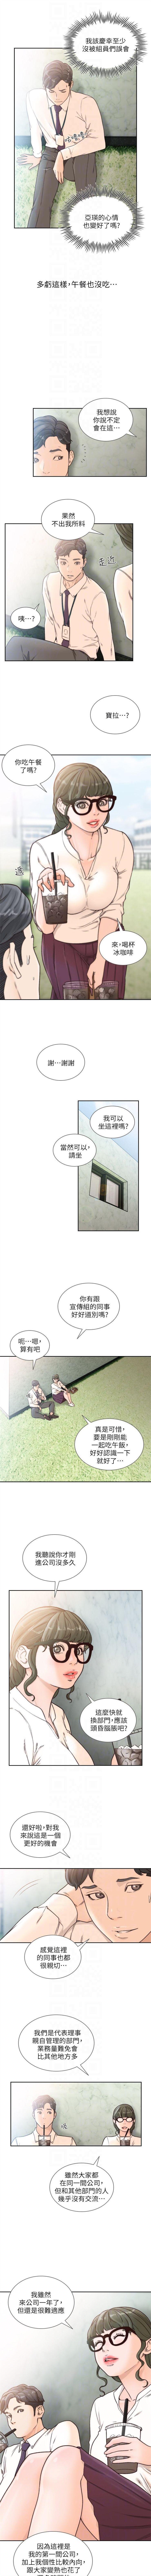 前女友 1-48 中文翻译(更新中) 158